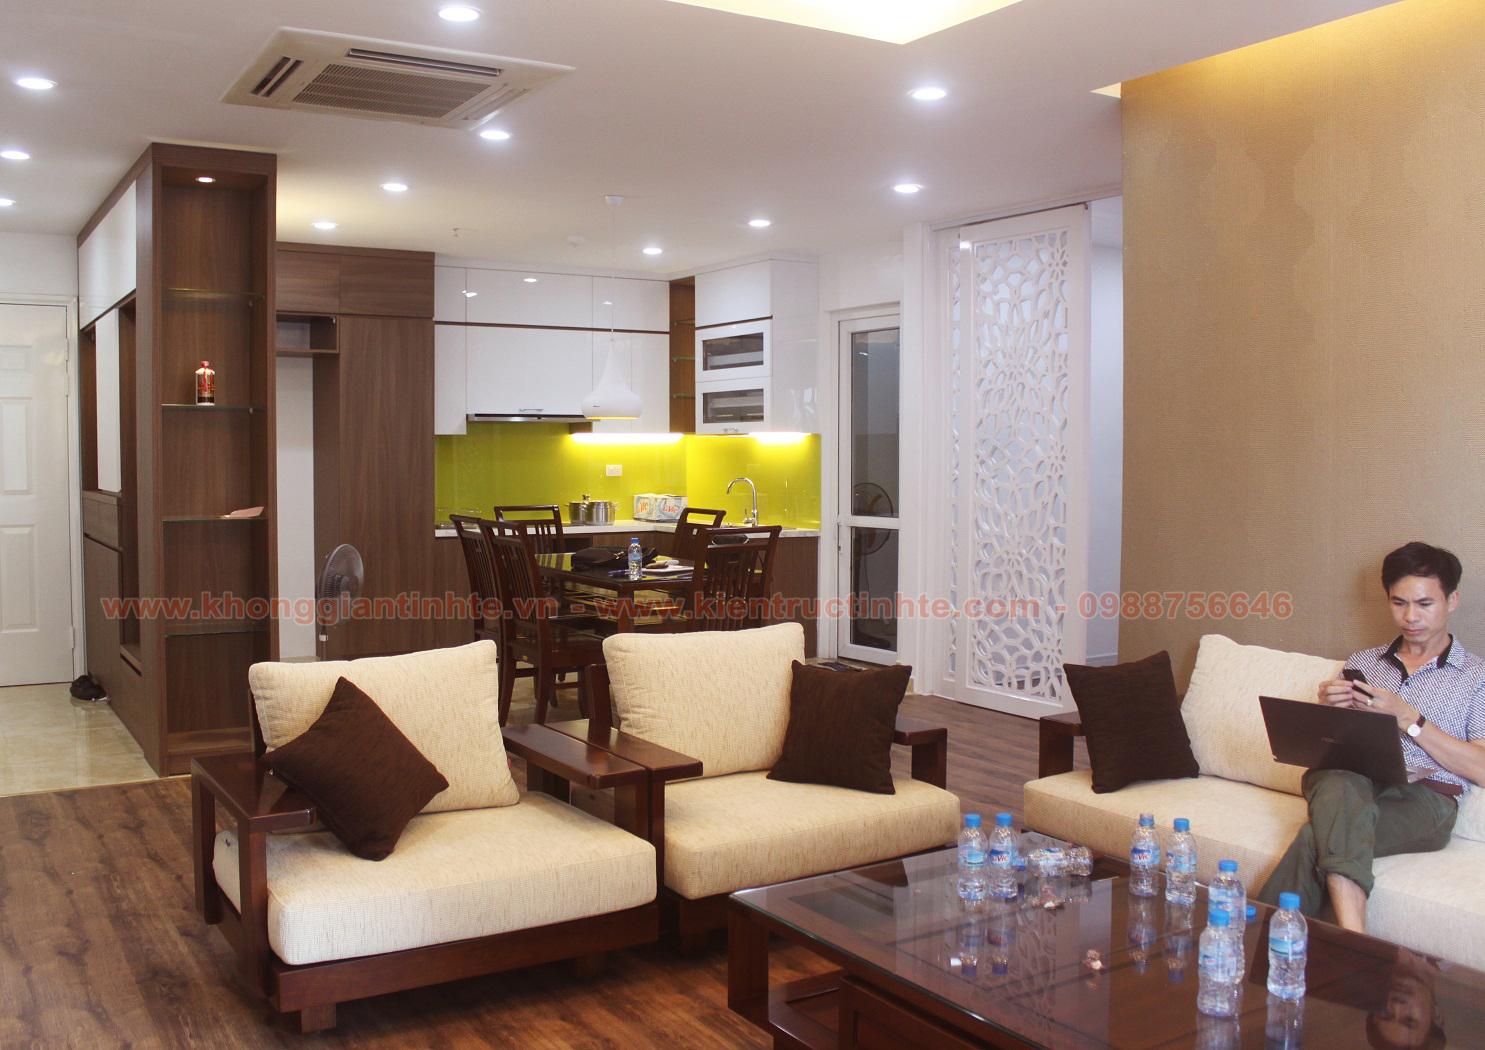 Thiết kế thi công hoàn thiện nội thất căn hộ chung cư NO4- Trung Hòa